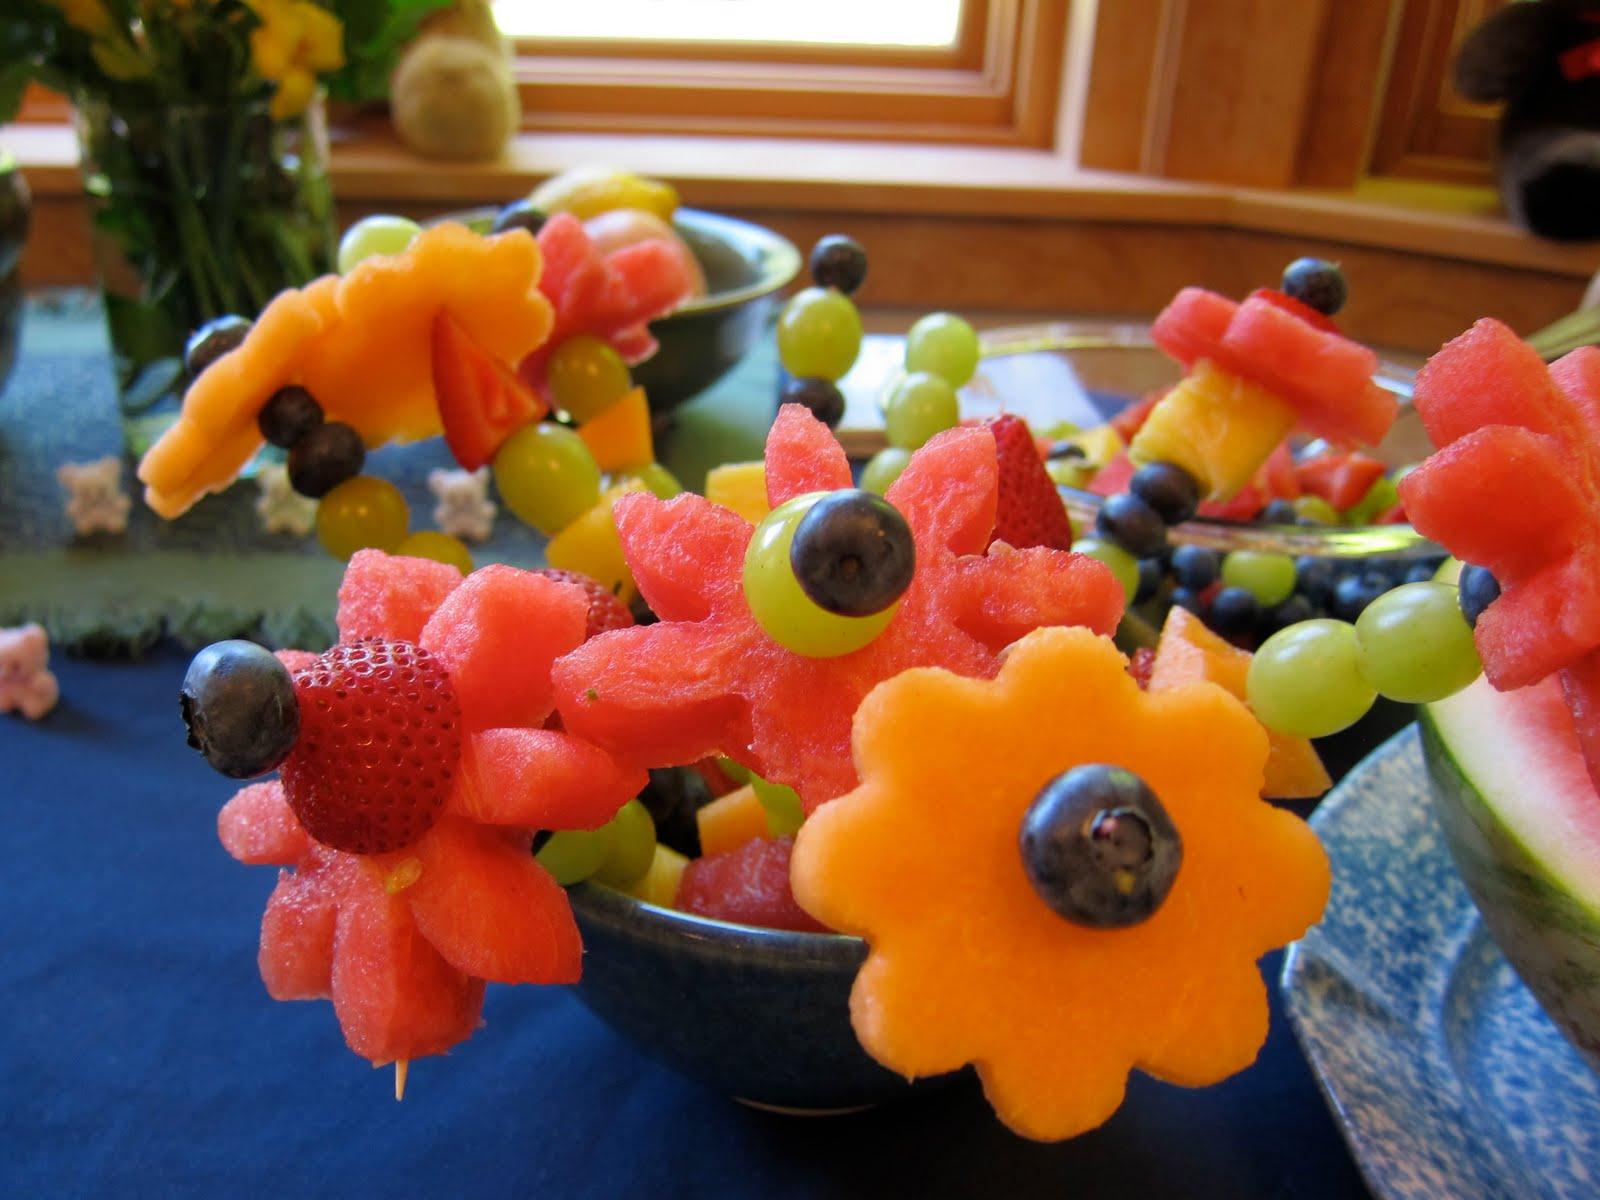 Faux treats for baby make it juicy add a little fresh fruit